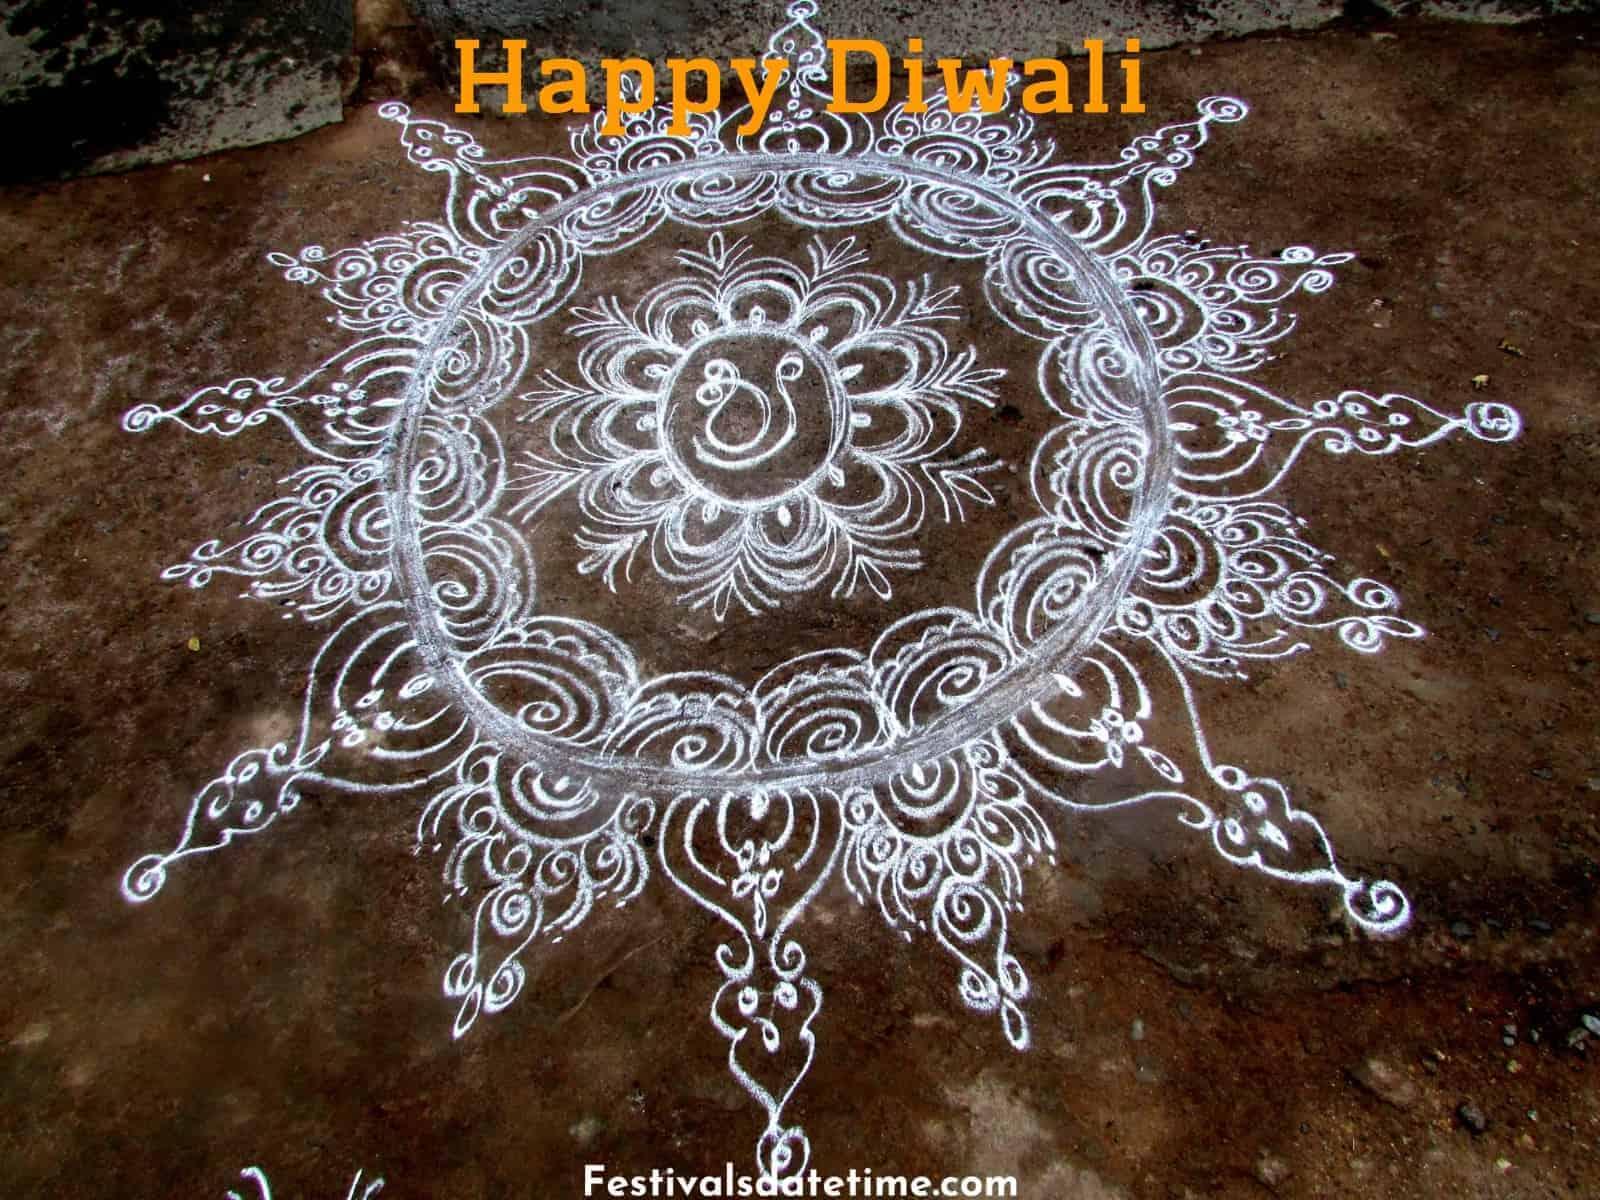 diwali_rangoli_hd_images